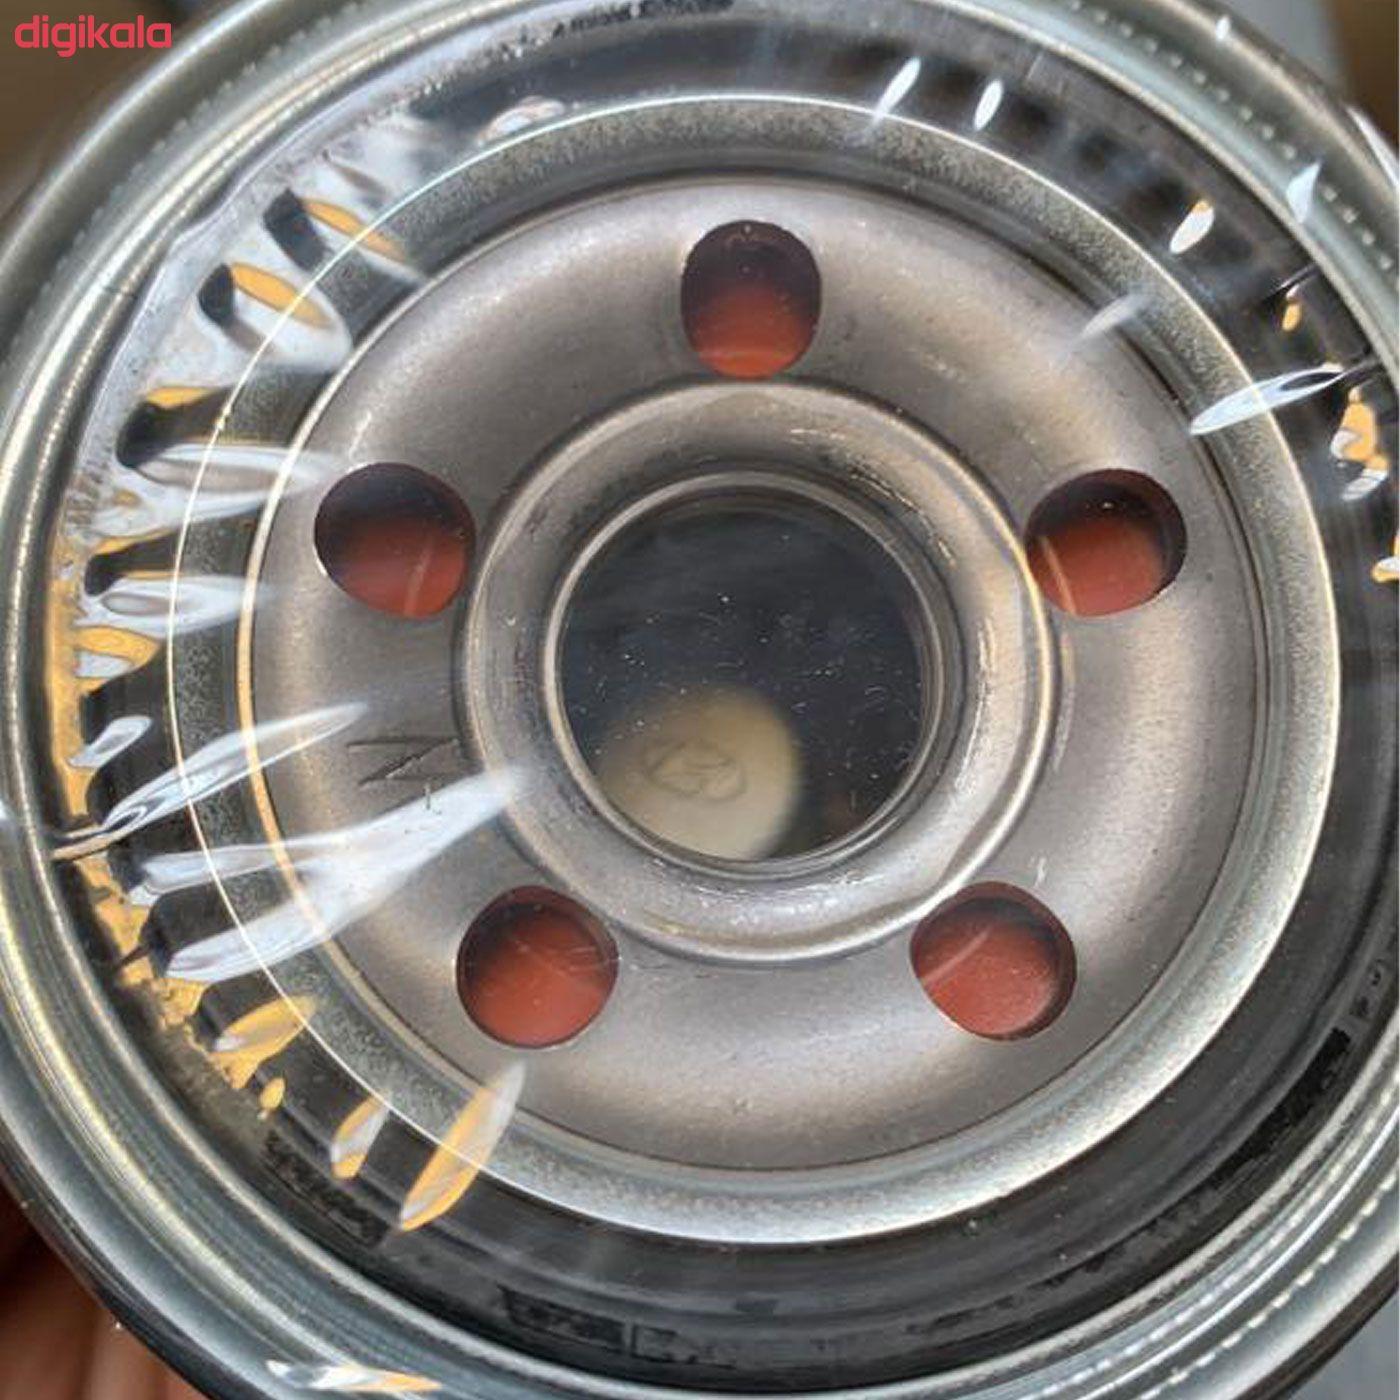 فیلتر روغن خودرو هیوندای جنیون پارتس مدل 35505 مناسب برای هیوندای ازرا گرندجور main 1 3